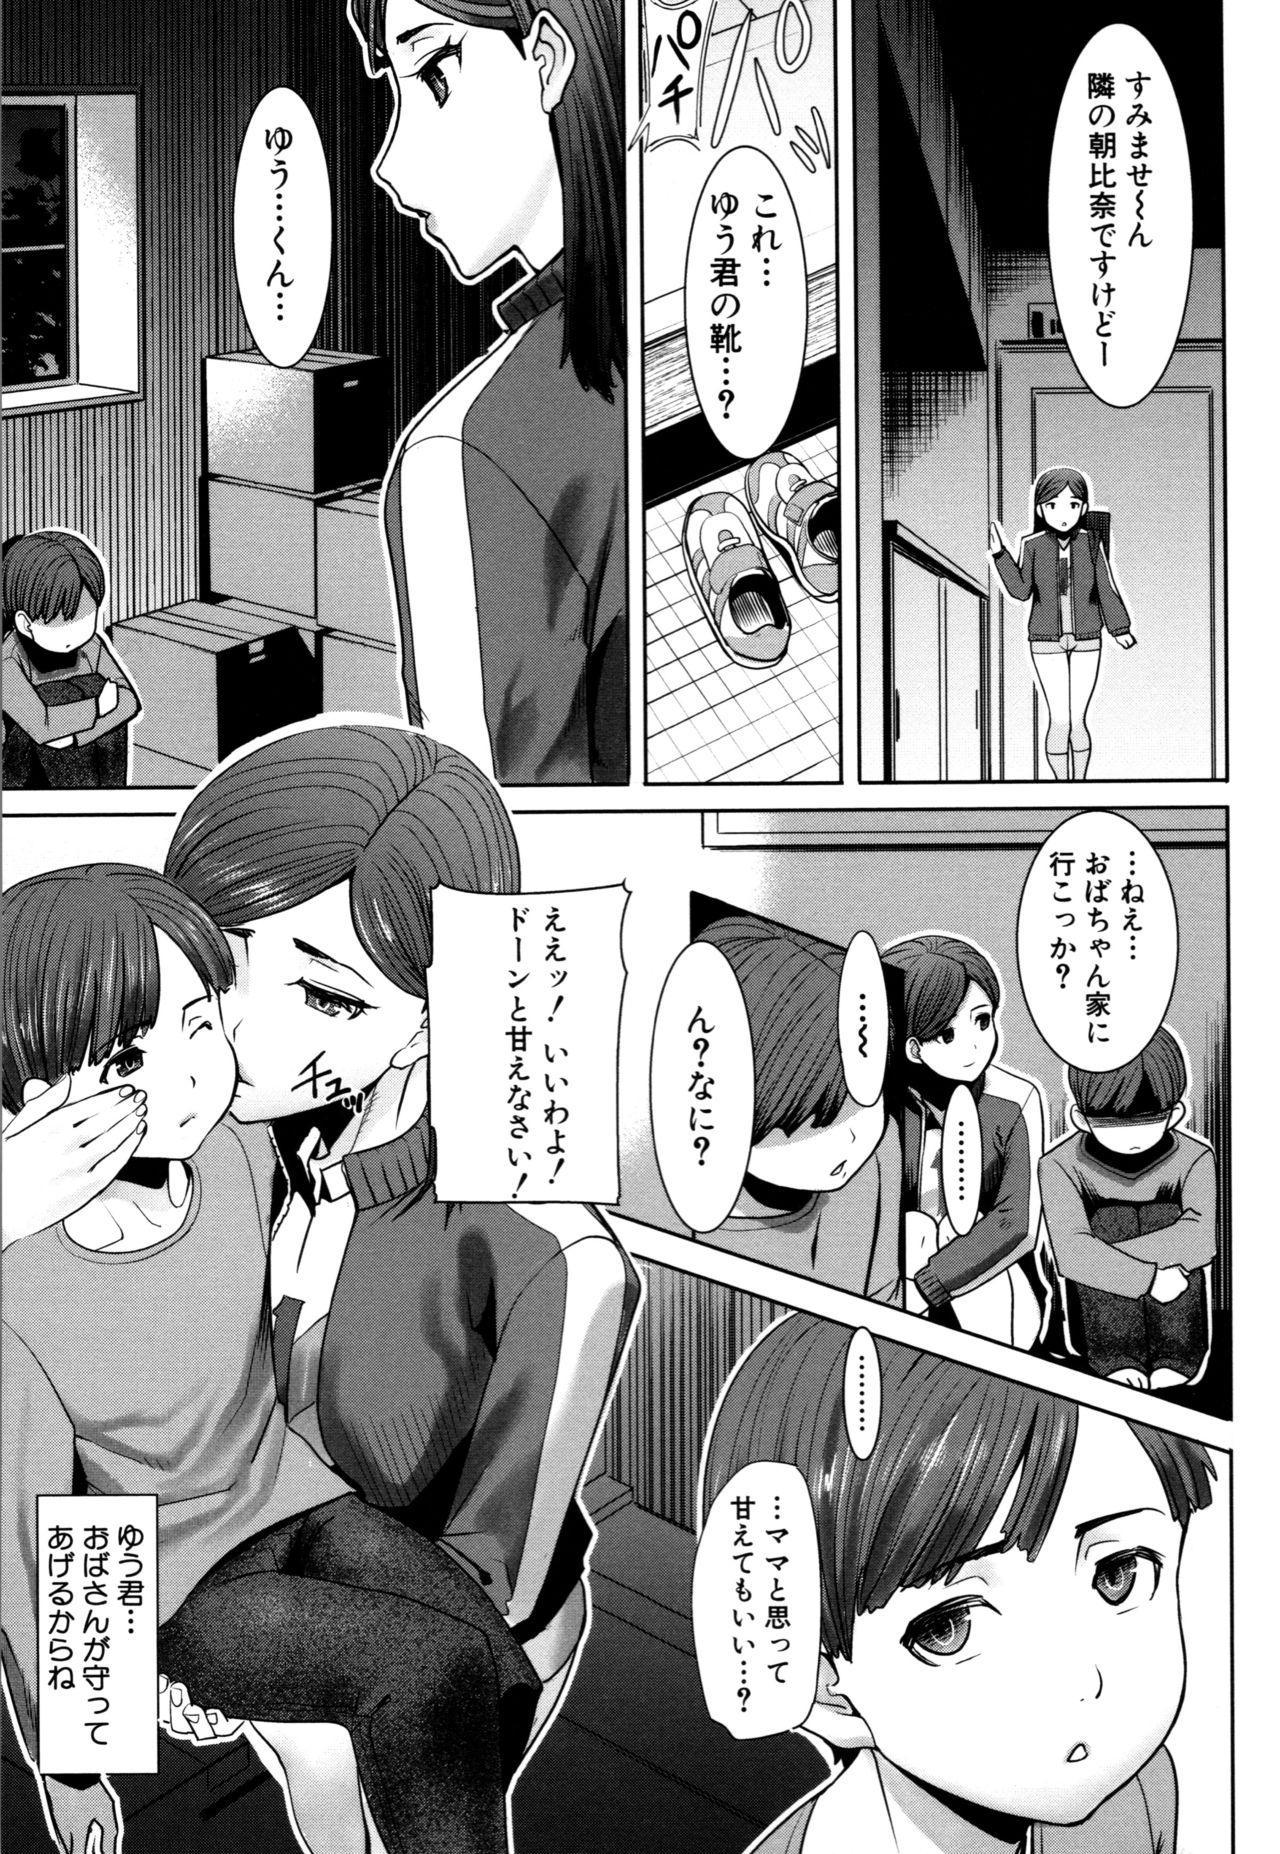 Unsweet - Asahina Ikka Netorareta Haha · Tomoko 12